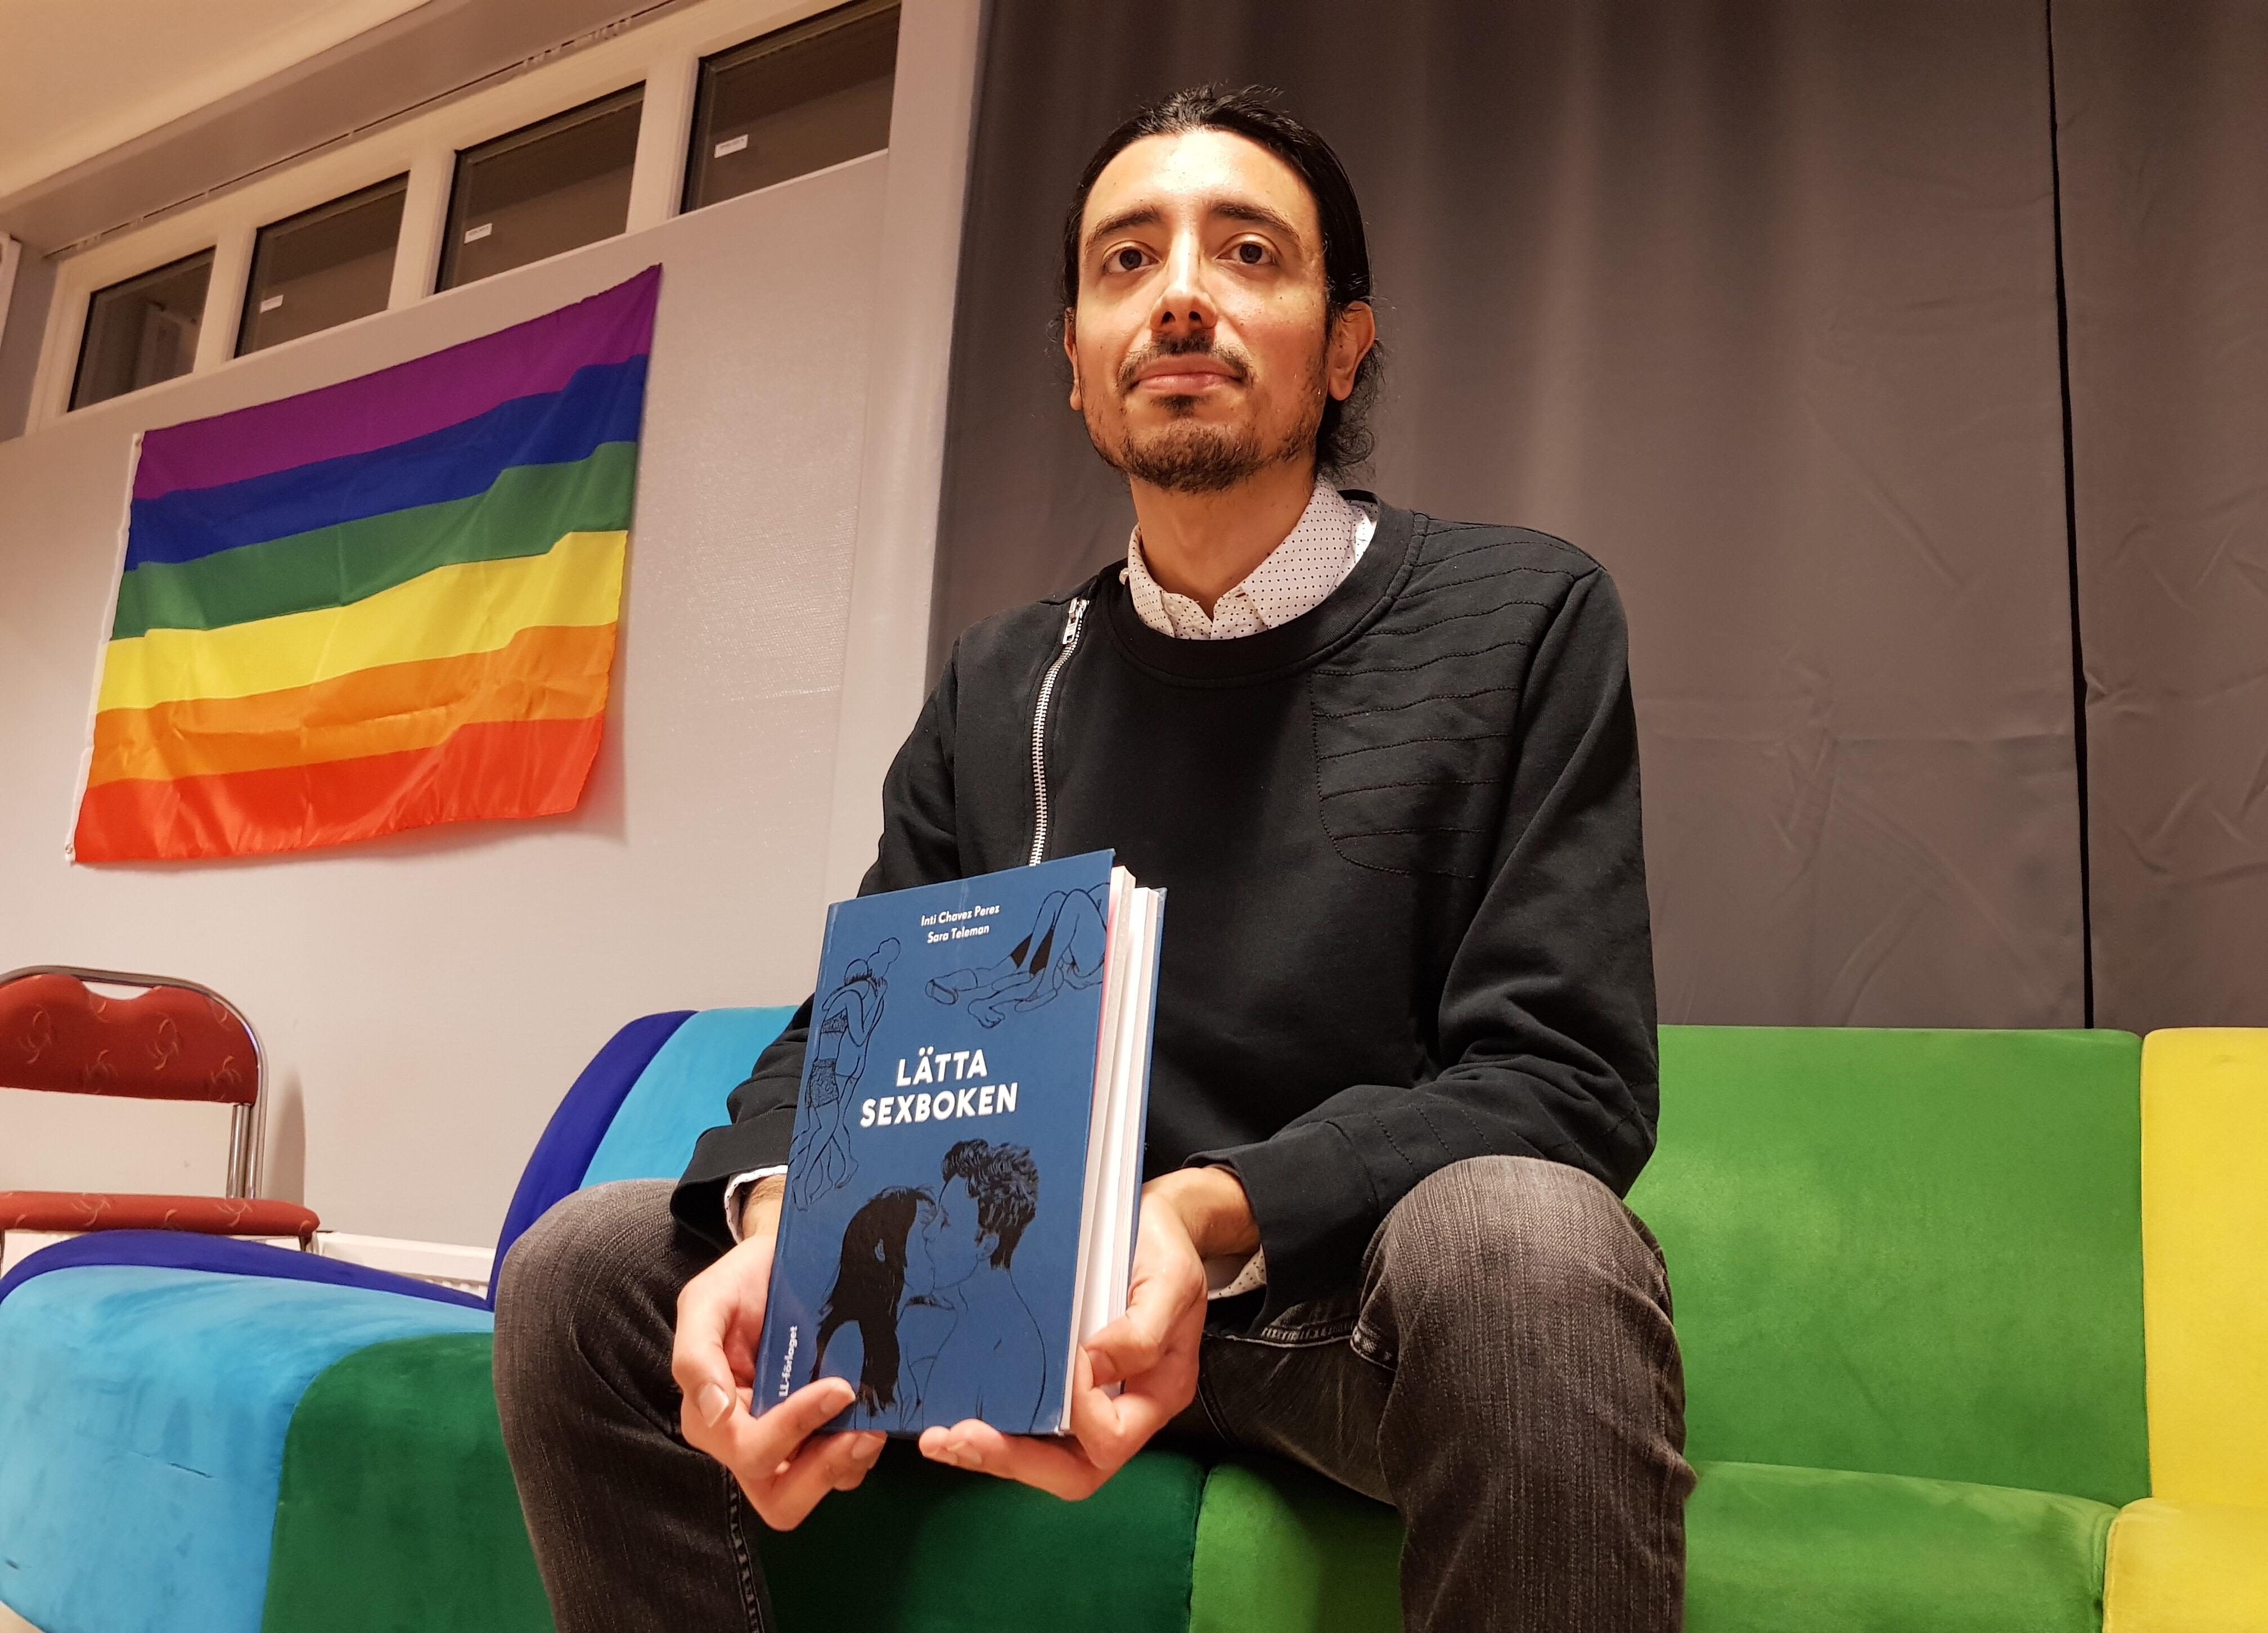 Hbtq-föreläsningen Pride hölls på fritidsgård